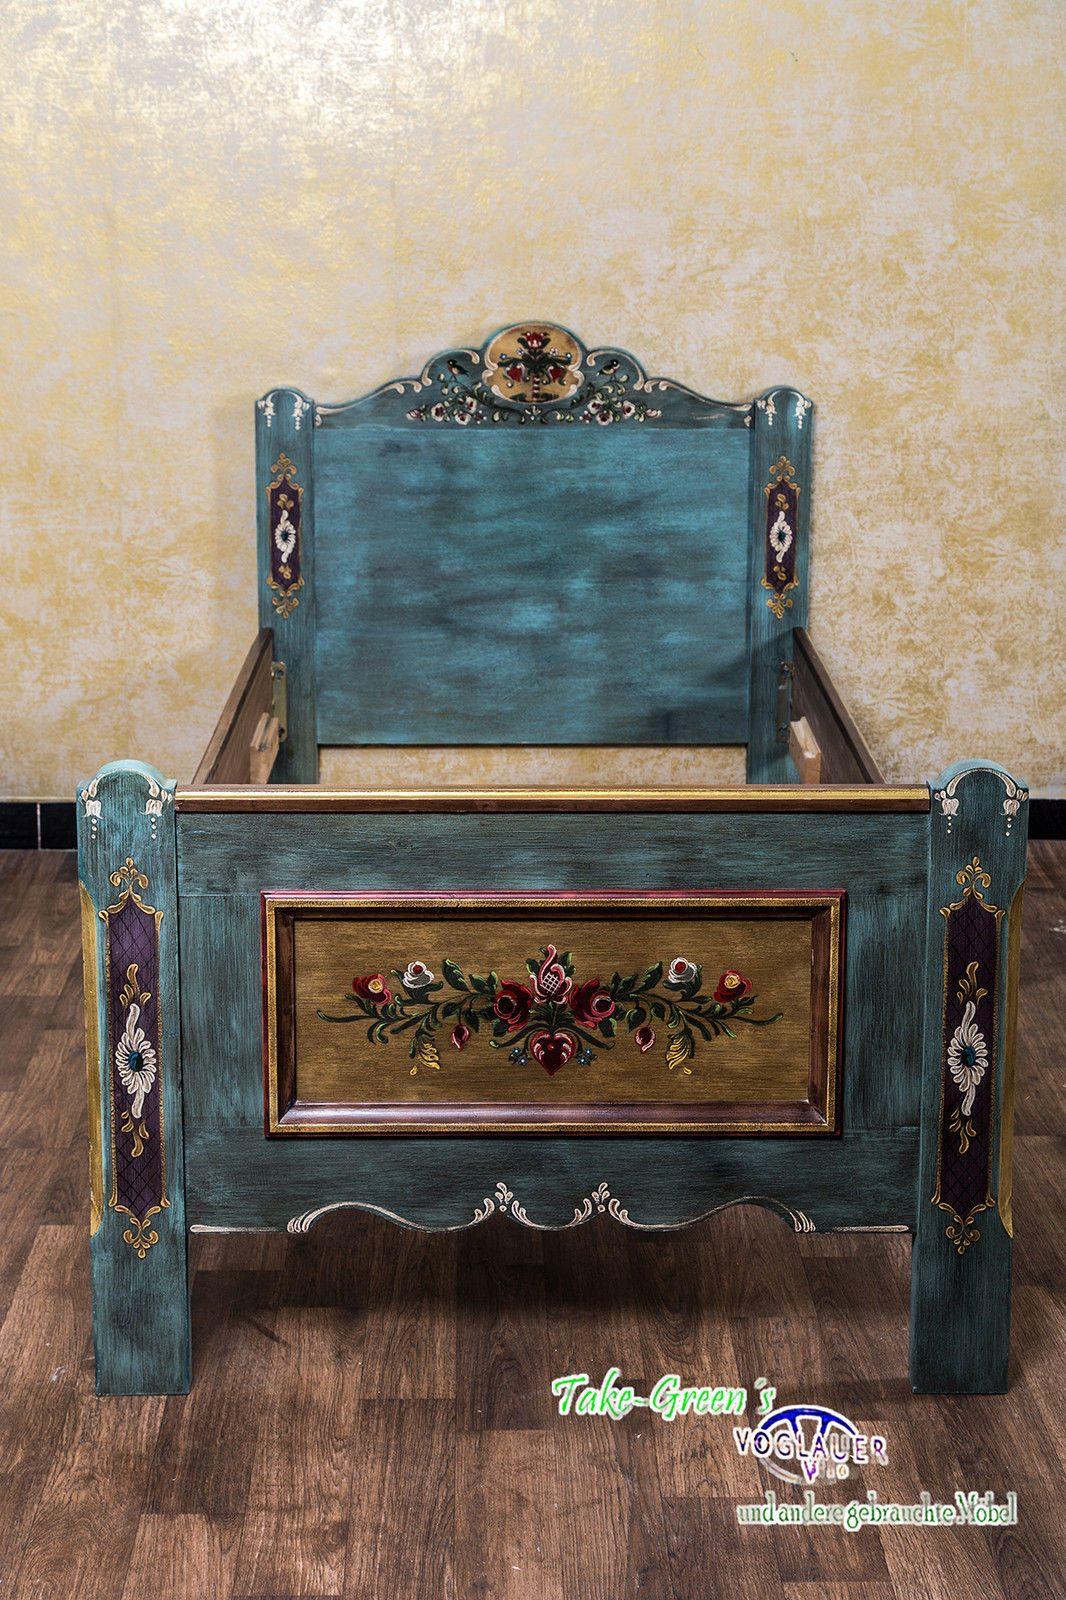 Voglauer anno 1800 einzelbett 100x200 1x2 bett schlafzimmer kinderbett landhaus ebay furniture - Badezimmermobel ebay ...